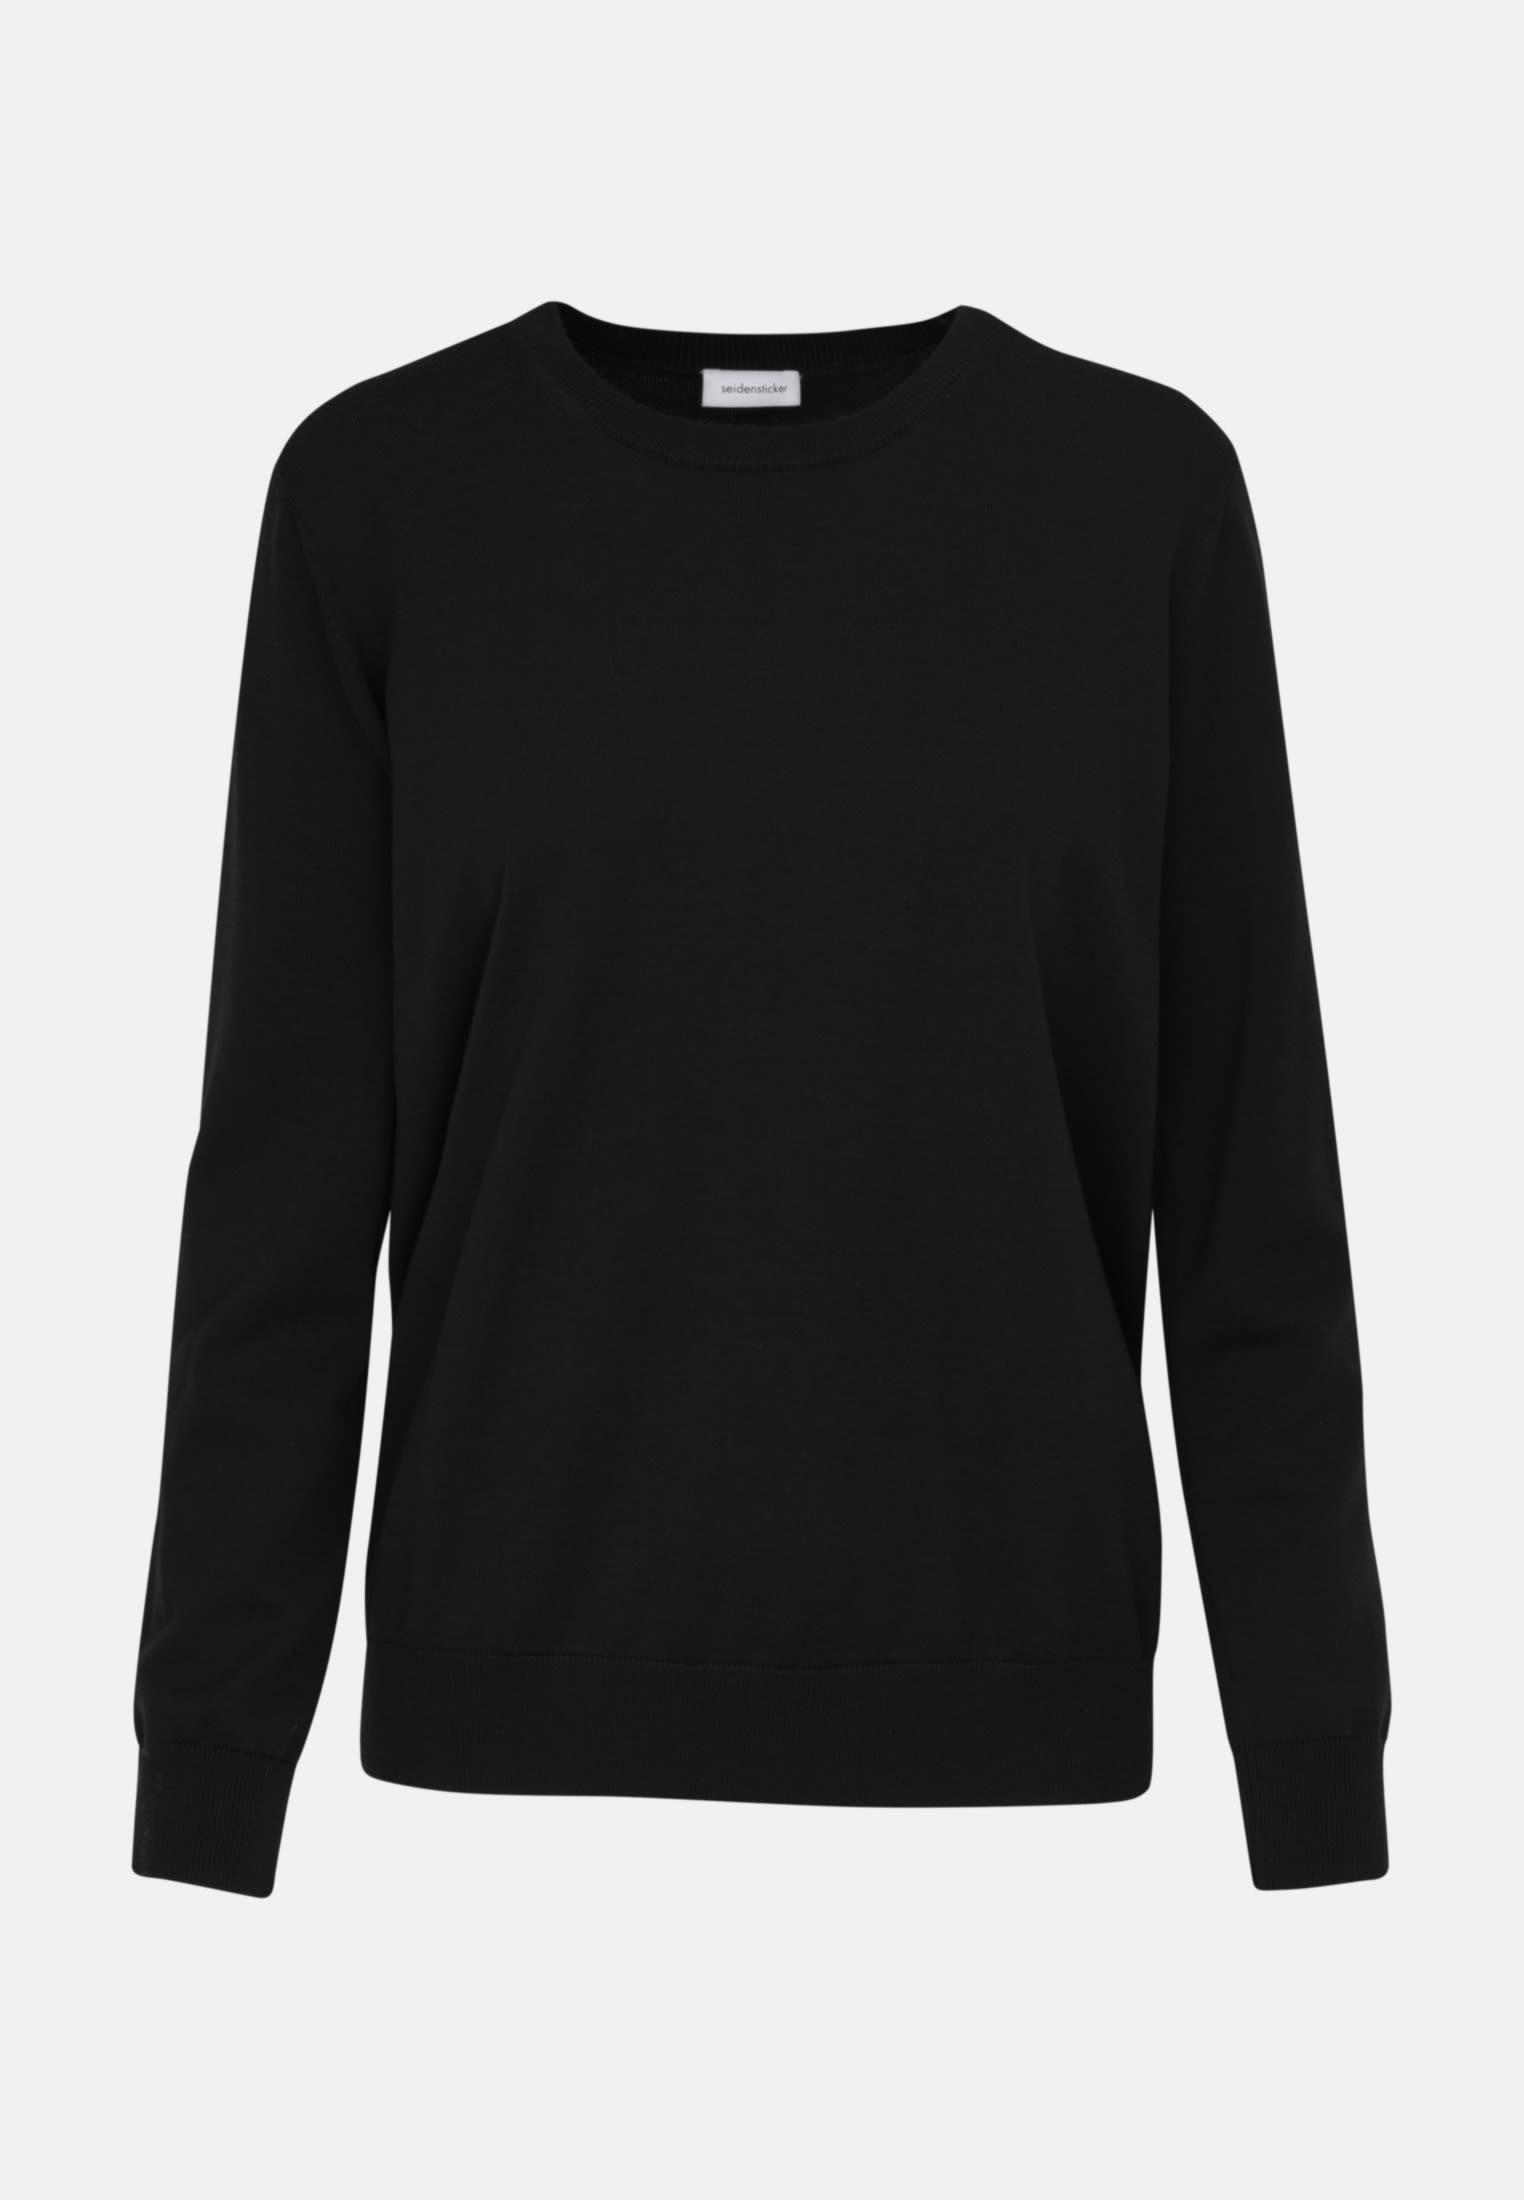 Rundhals Pullover aus 100% Wolle in Schwarz |  Seidensticker Onlineshop